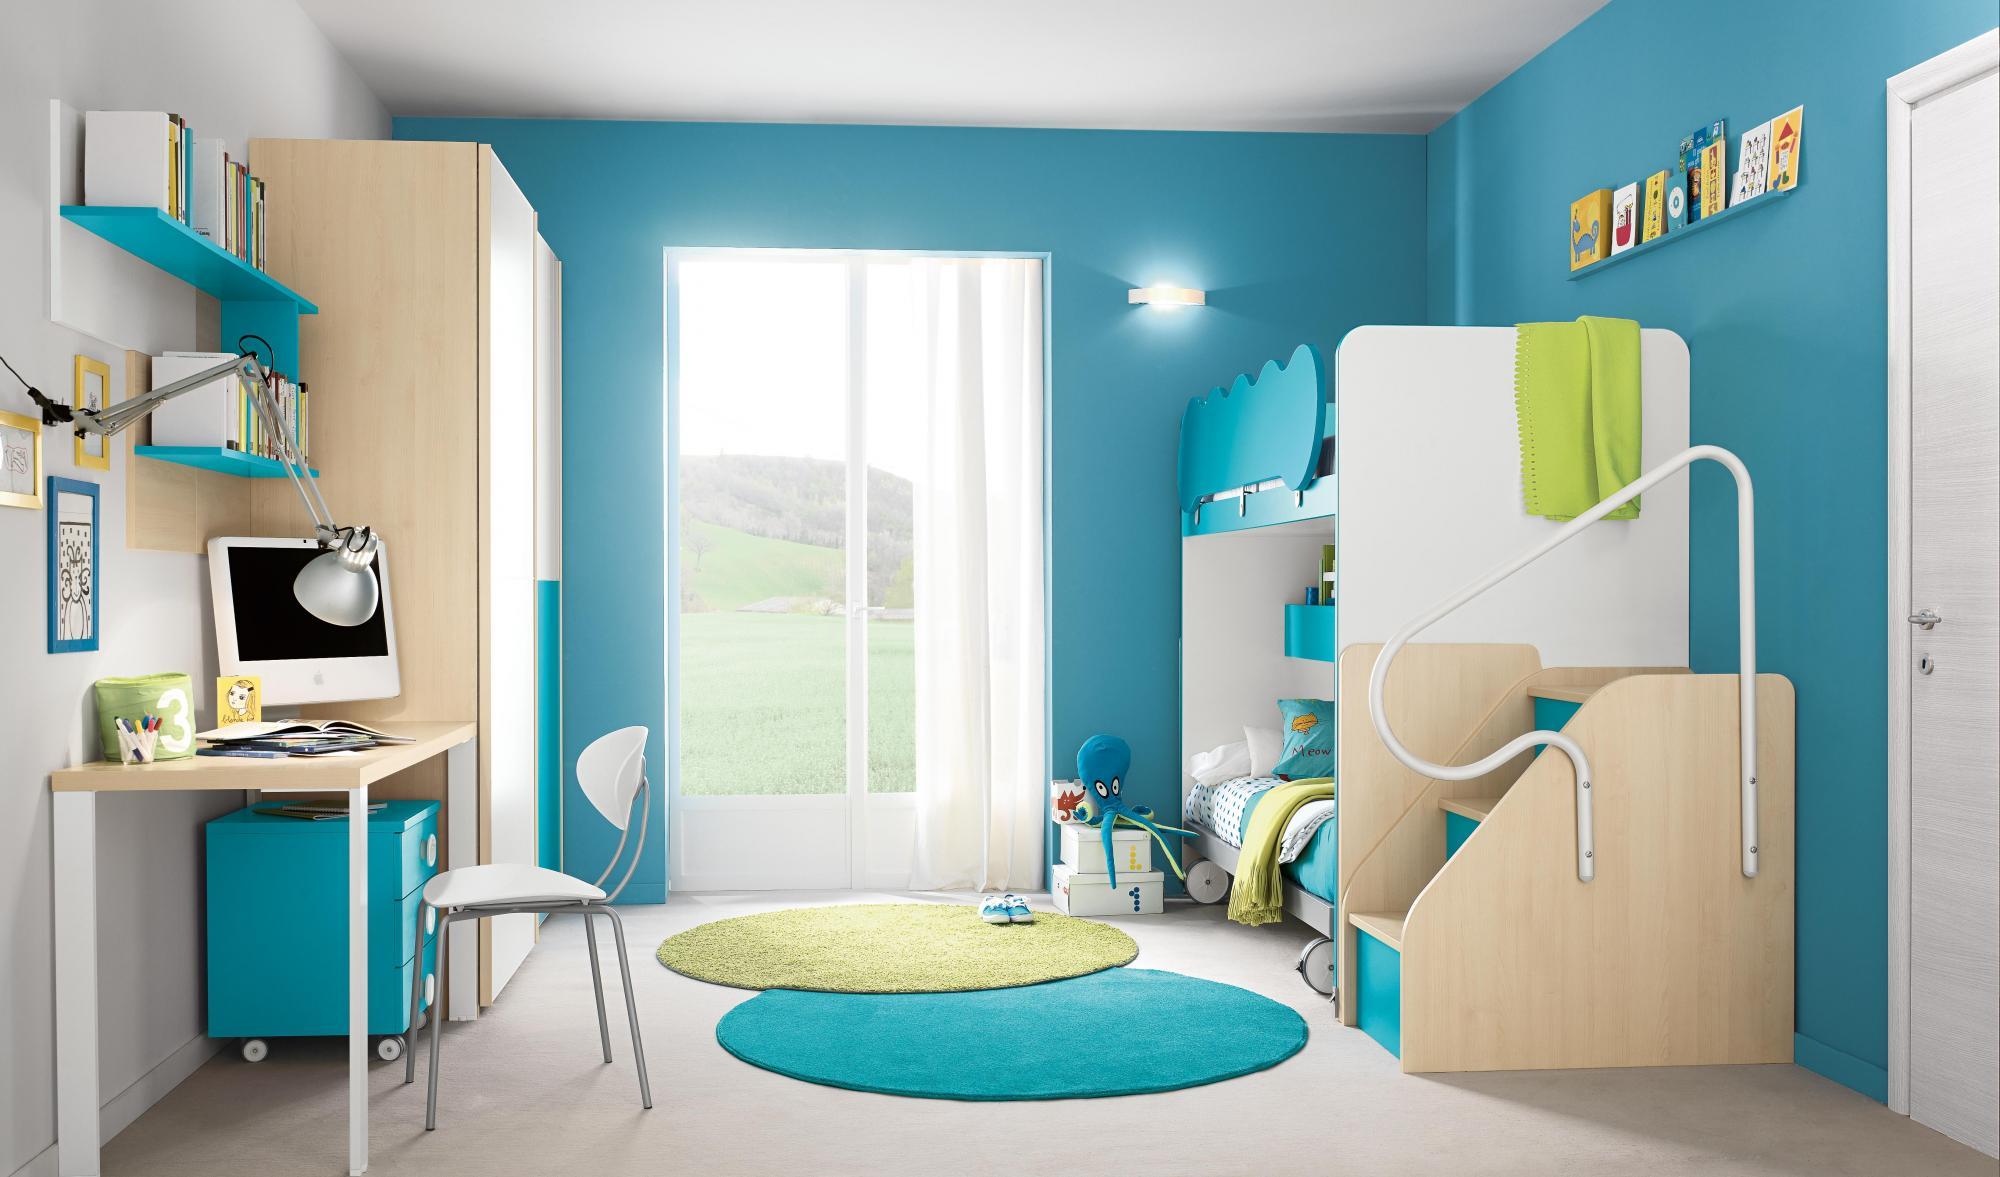 Camerette colombini golf arredo spazio casa - Camerette country per bambini ...